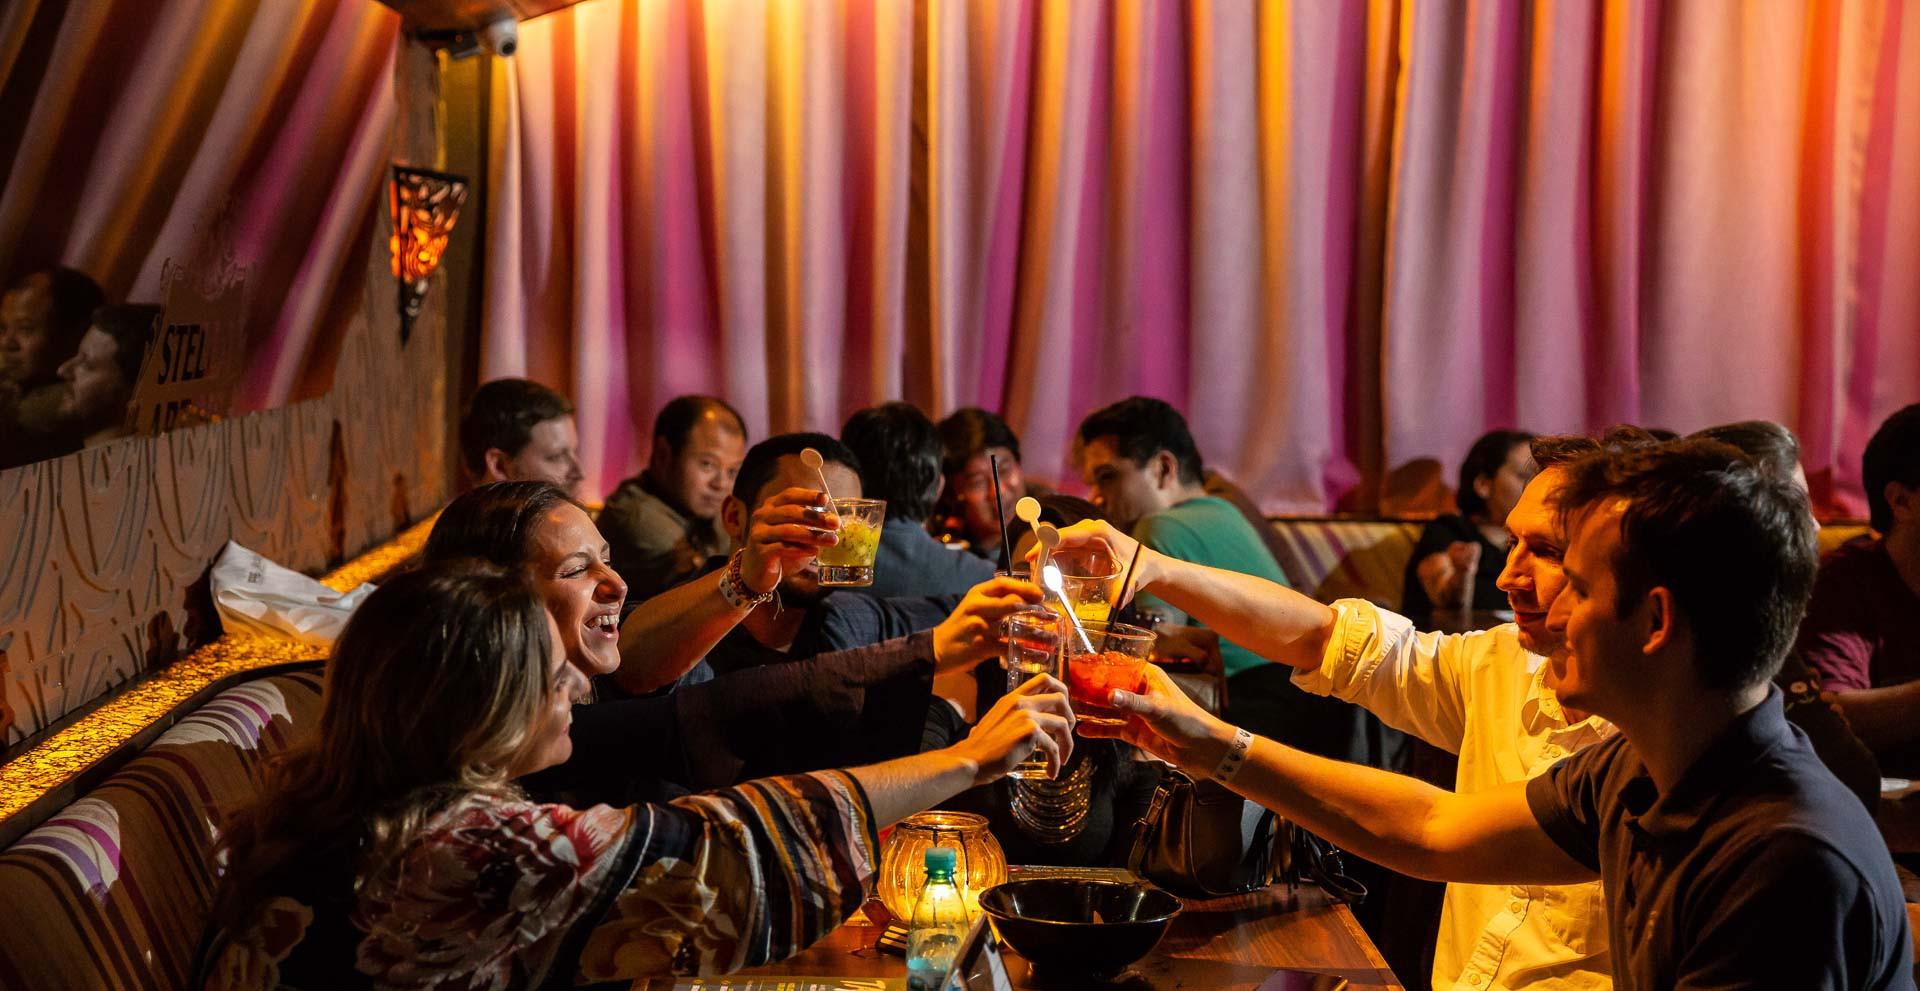 Cobertura fotográfica, Happy Hour da Getty Images